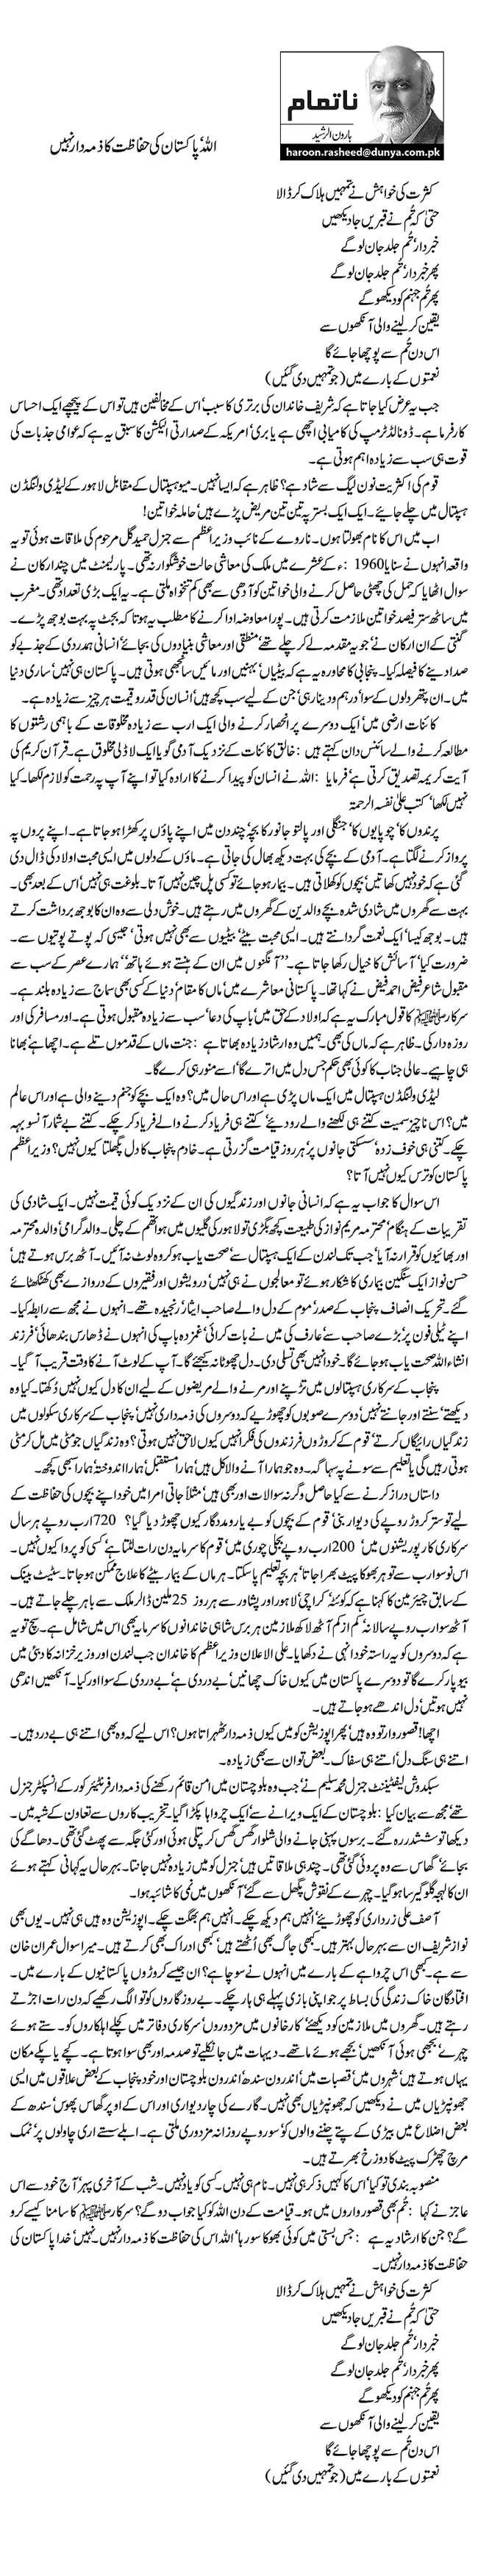 اللہ' پاکستان کی حفاظت کا ذمہ دار نہیں